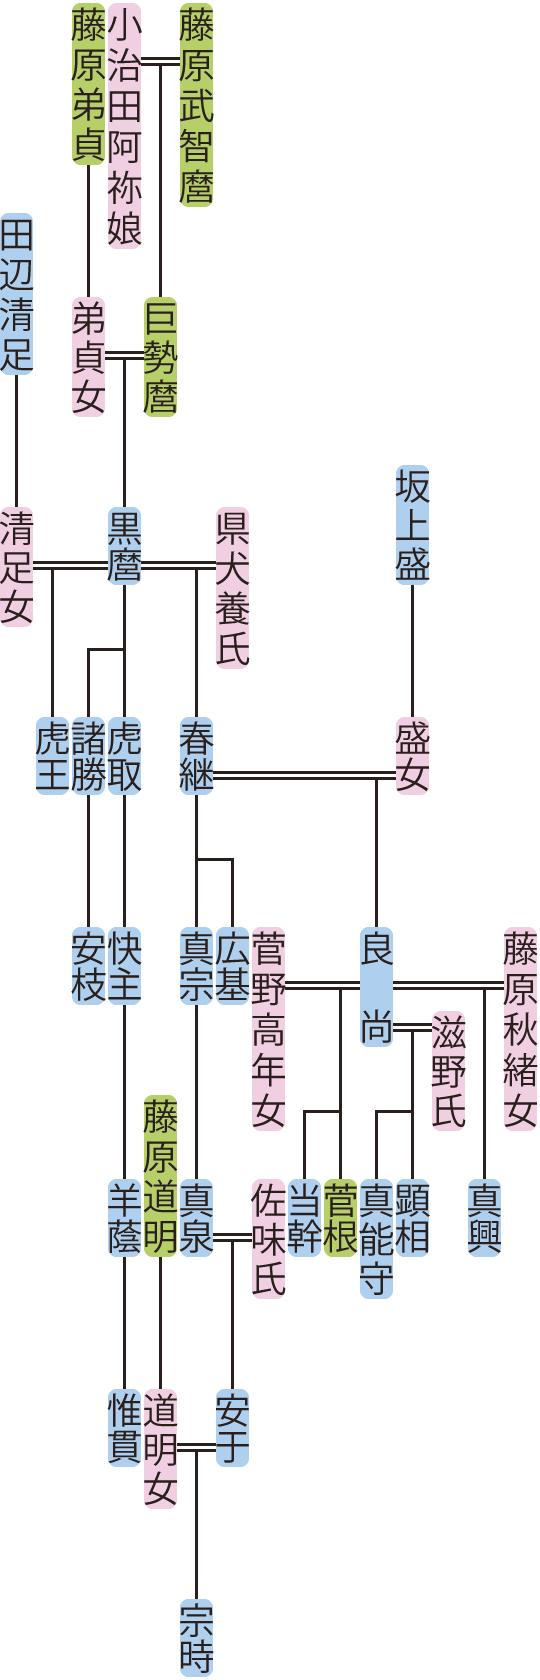 藤原黒麿・春継の系図